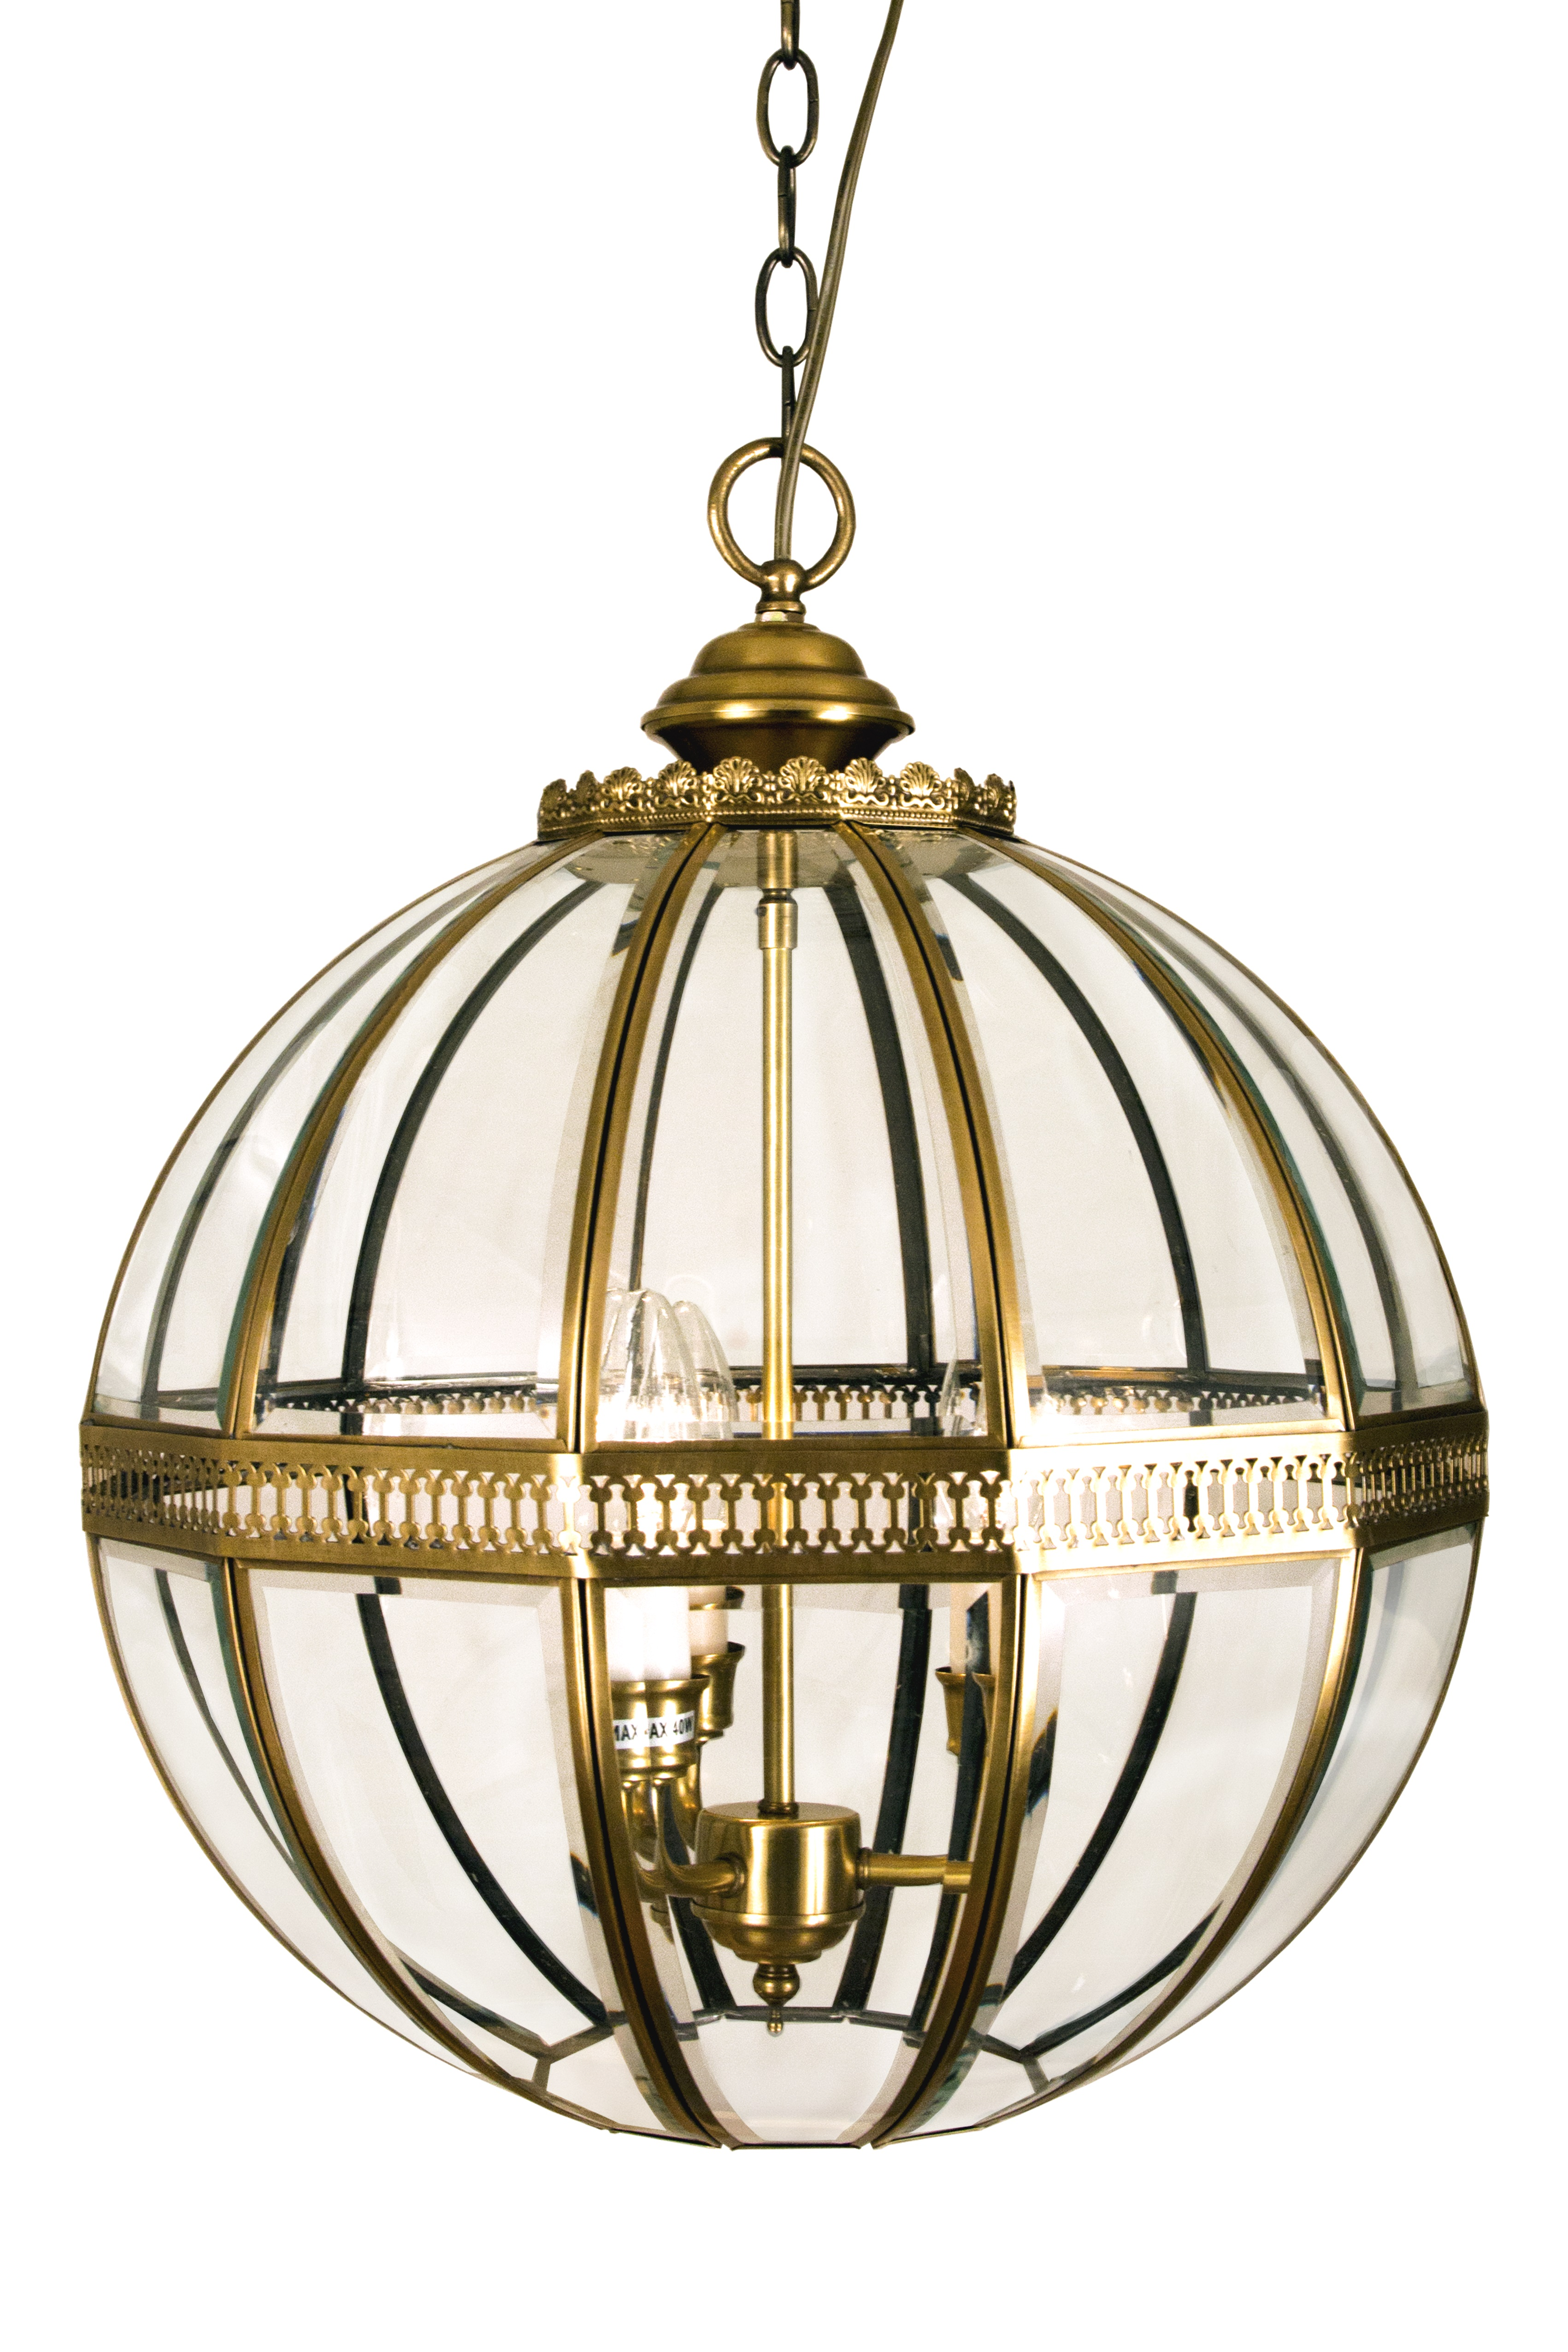 Aneta Belysning taklampor du kan köpa online | Lampkultur.se